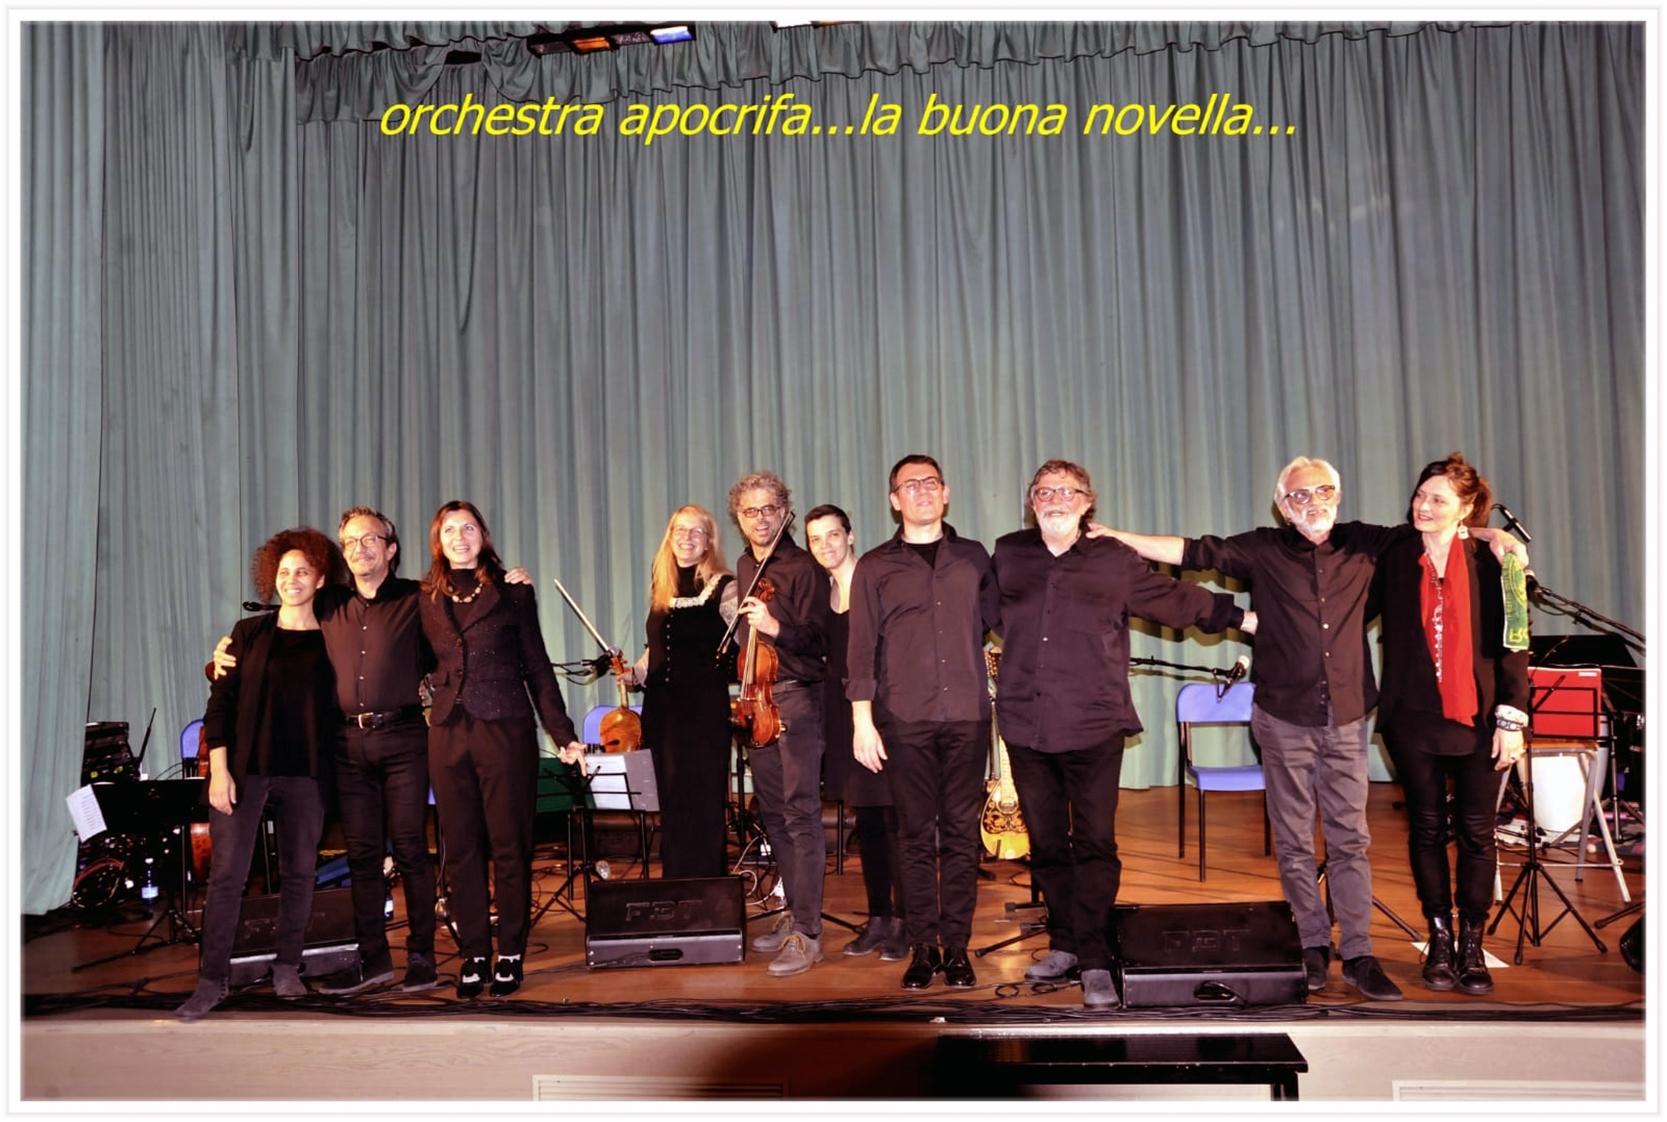 2019-Buona-Novella-22